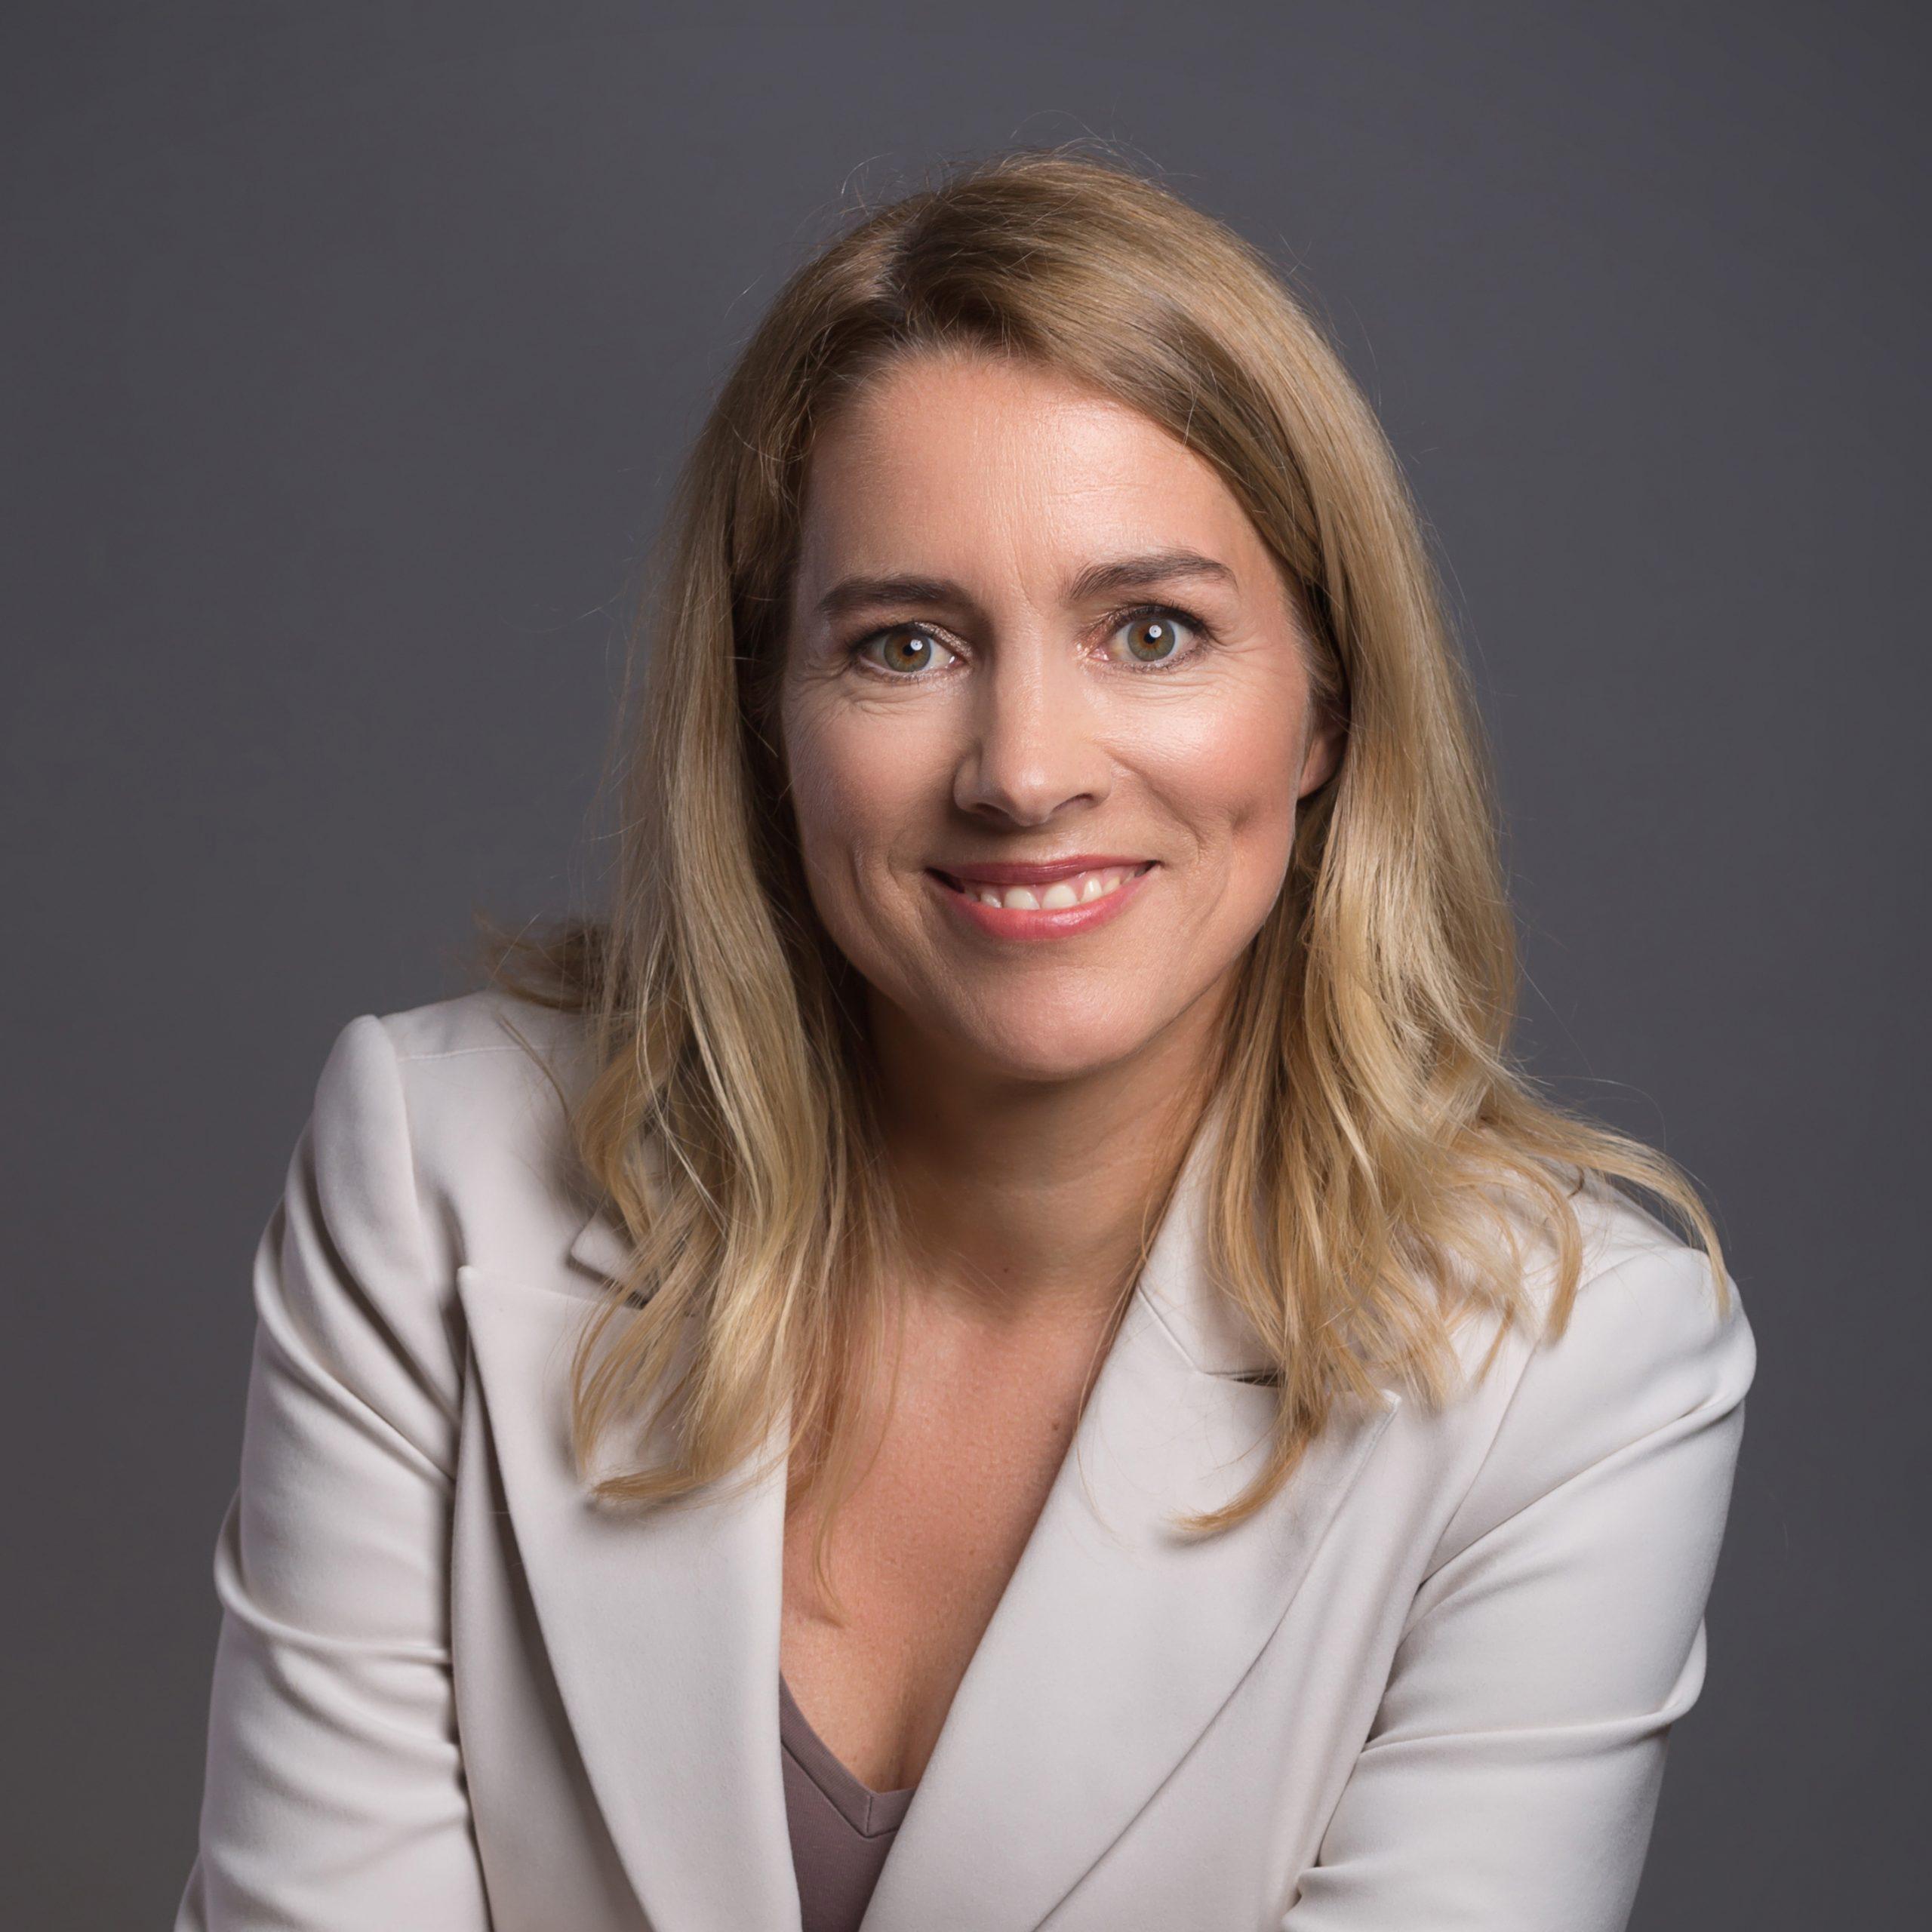 Katja Seidenschur